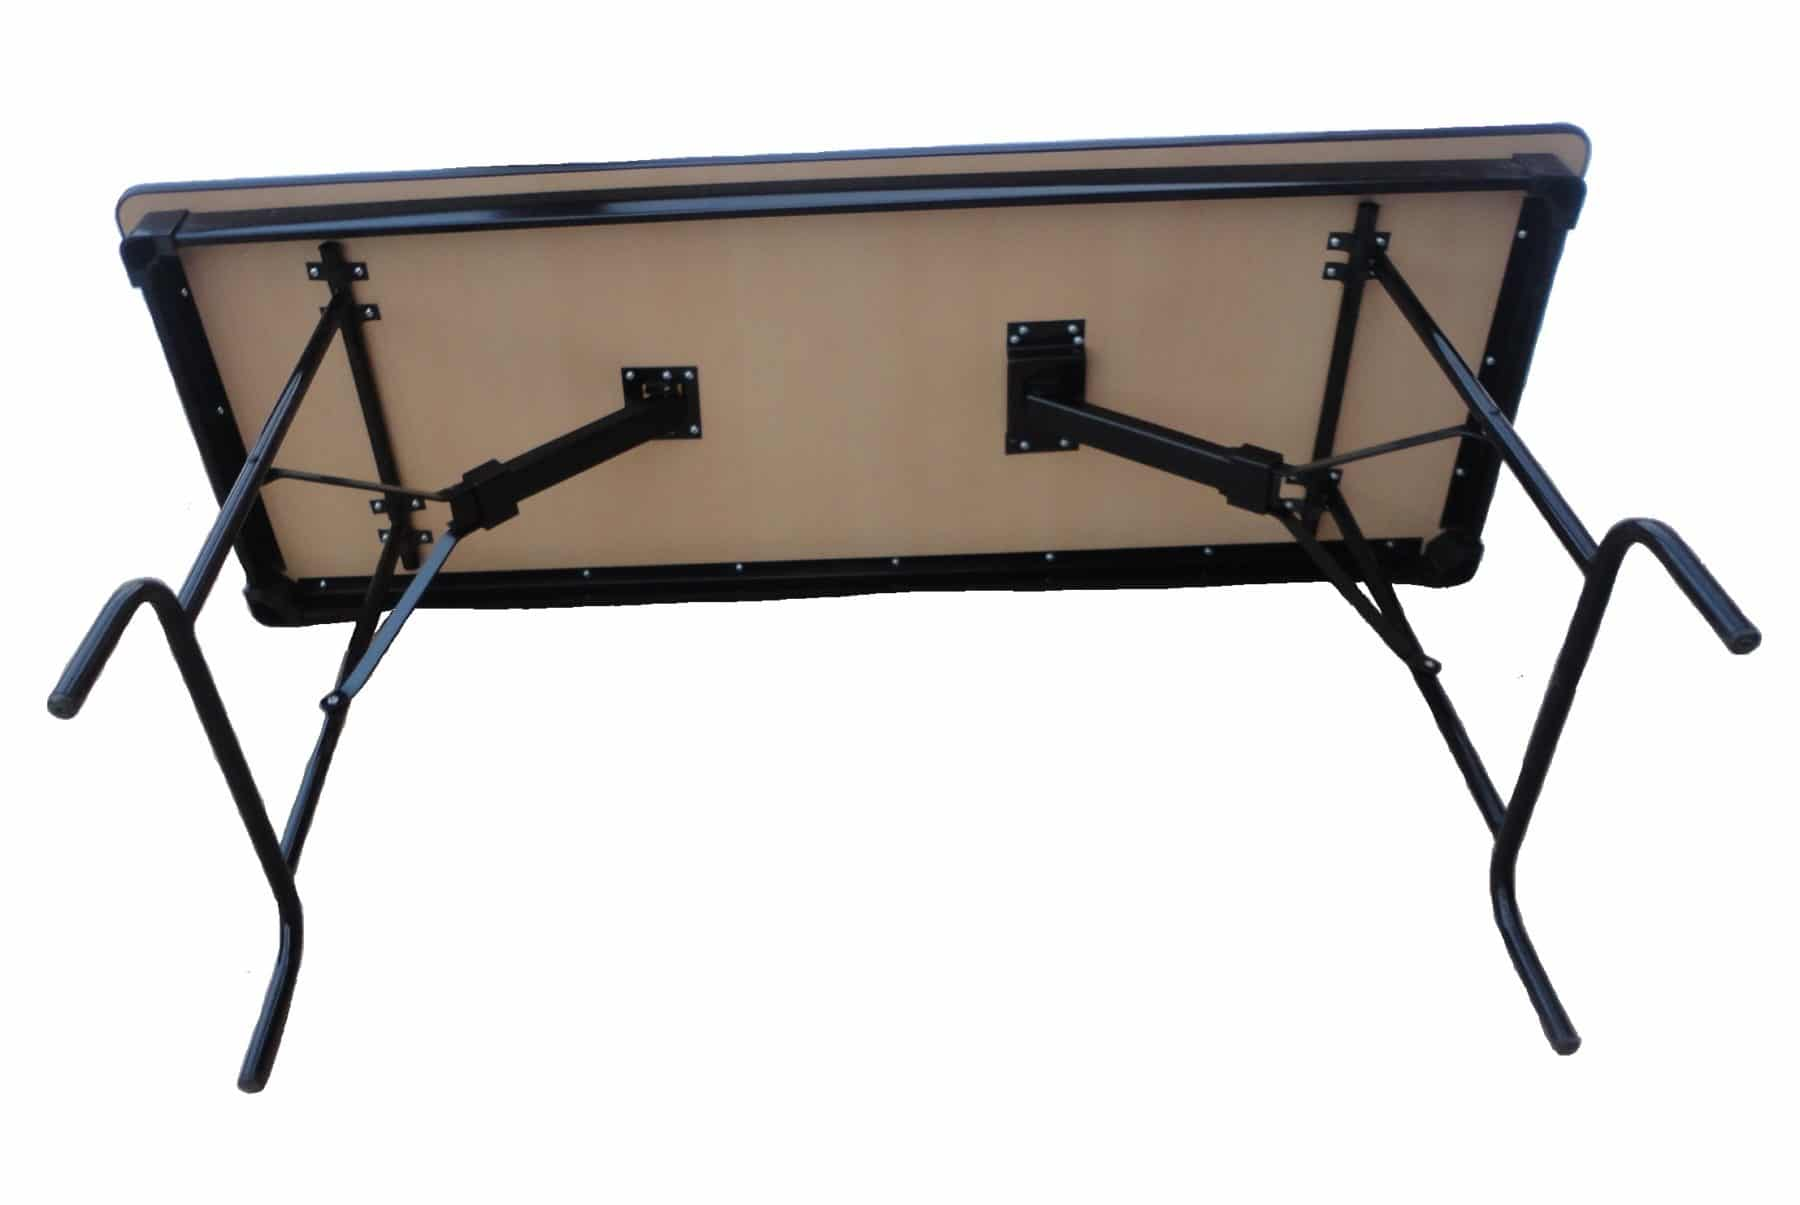 Складной стол Дельта прямоугольный 240 х 120 см. фото 3 | интернет-магазин Складно